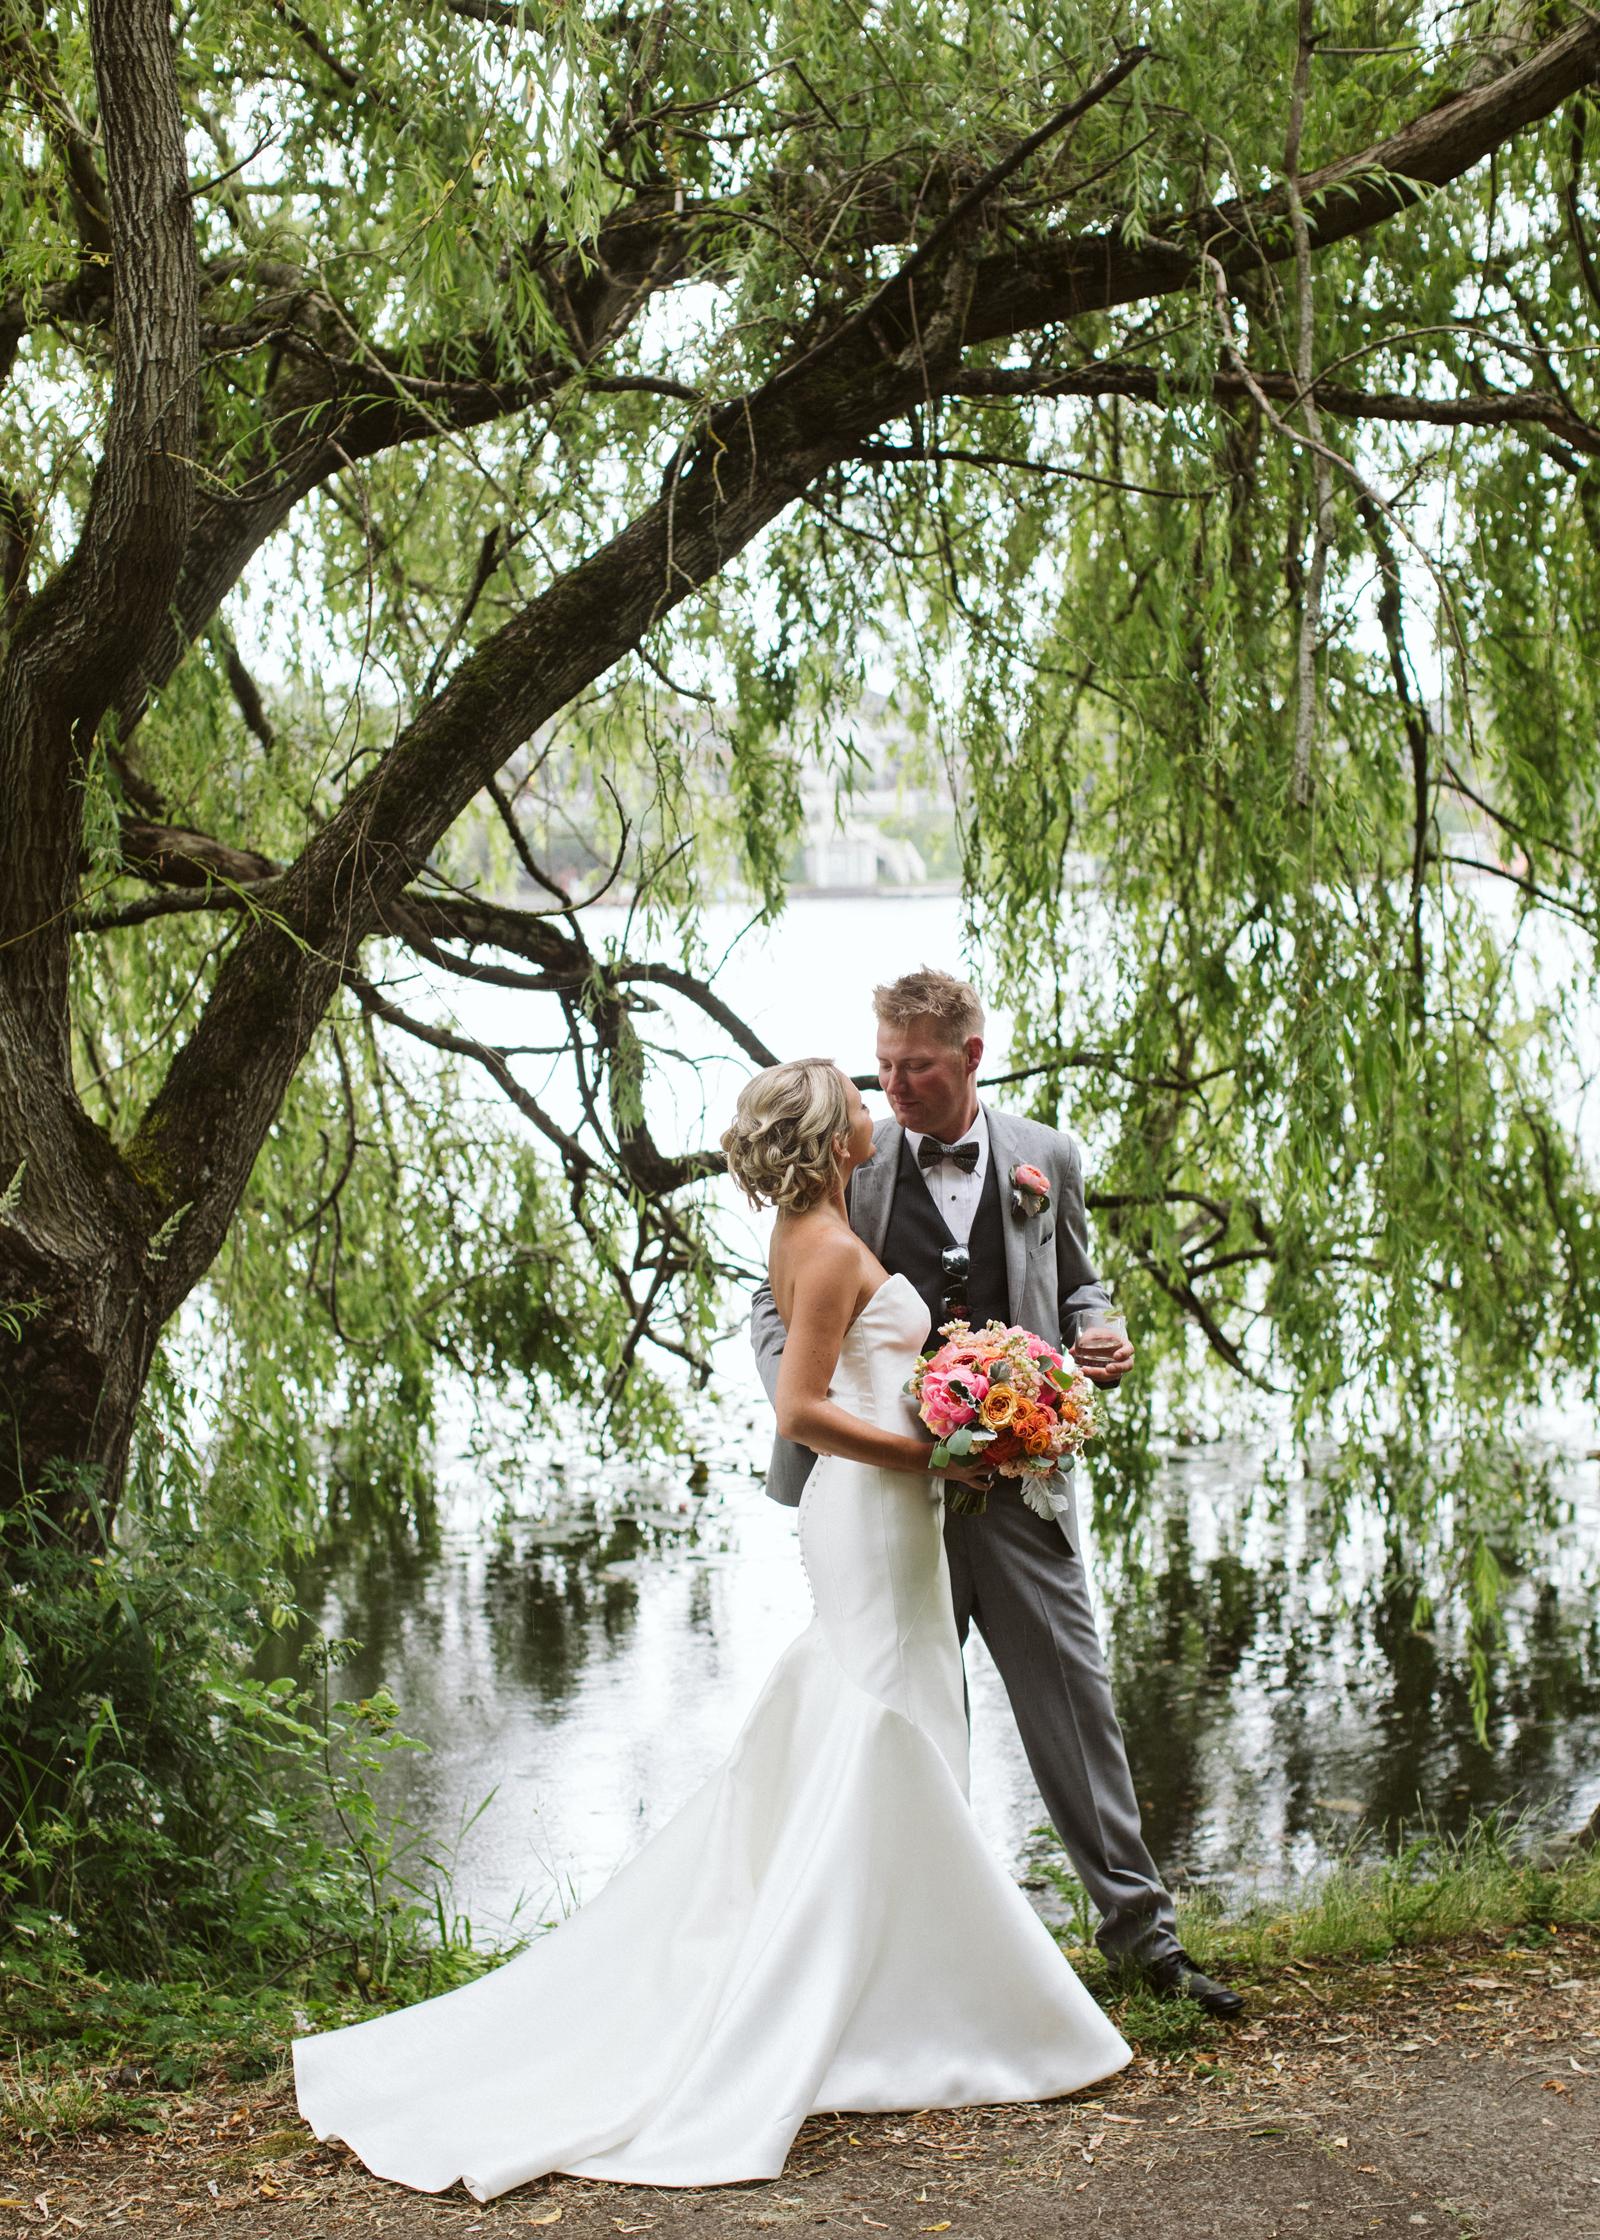 114-daronjackson-gabby-alec-wedding.jpg